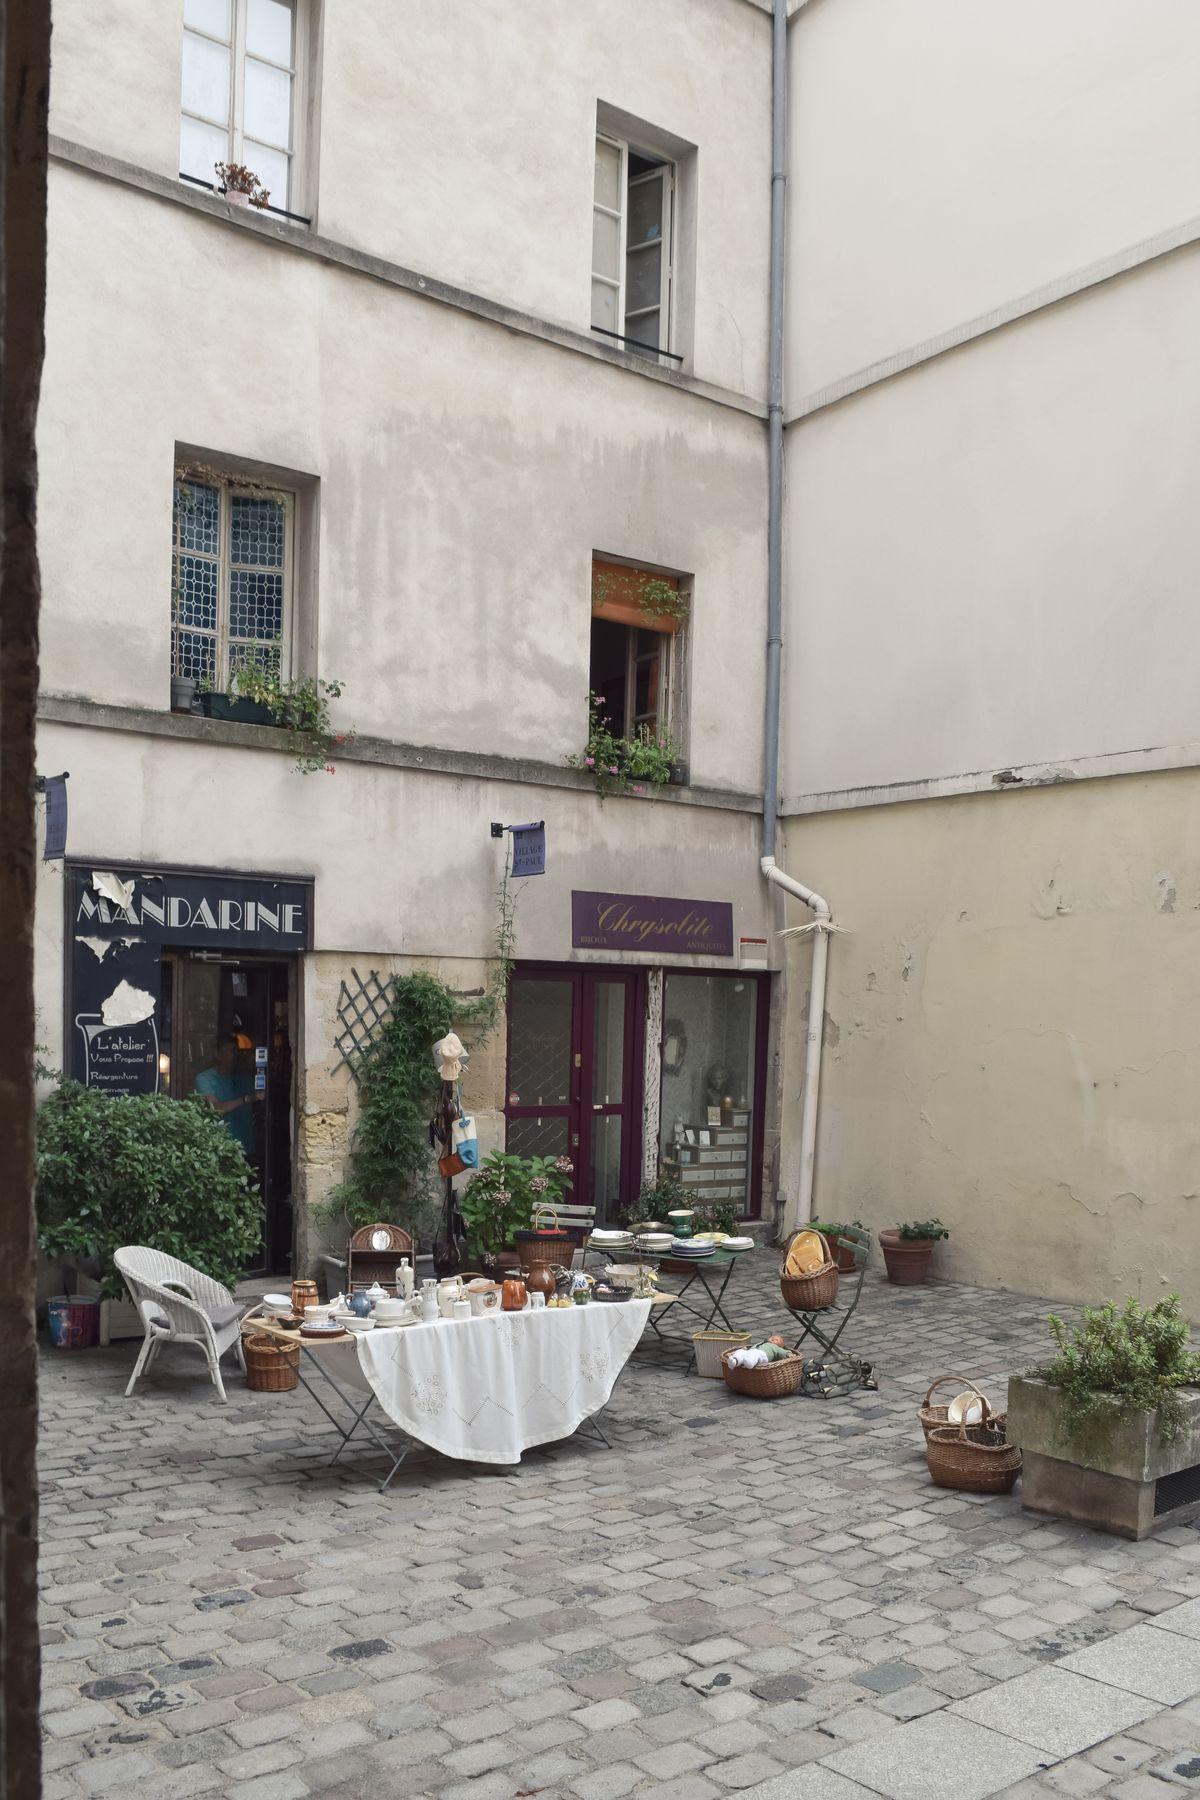 Antique Shop at the Village Saint Paul, Marais, Paris, France